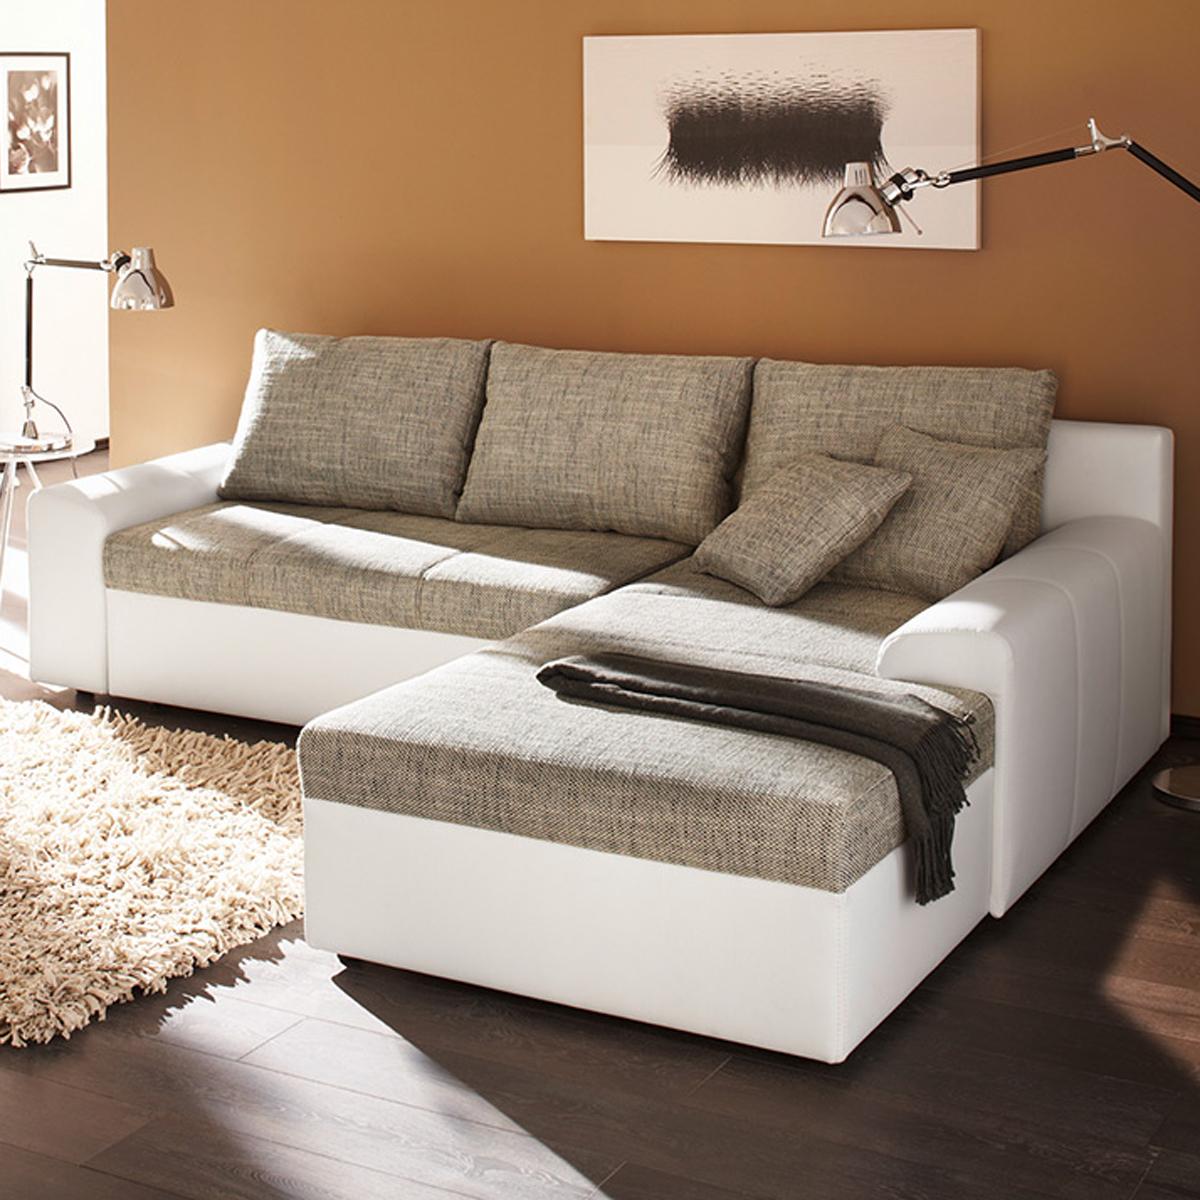 ecksofa snake wohnlandschaft sofa polster in webstoff mit g stebett bettkasten ebay. Black Bedroom Furniture Sets. Home Design Ideas